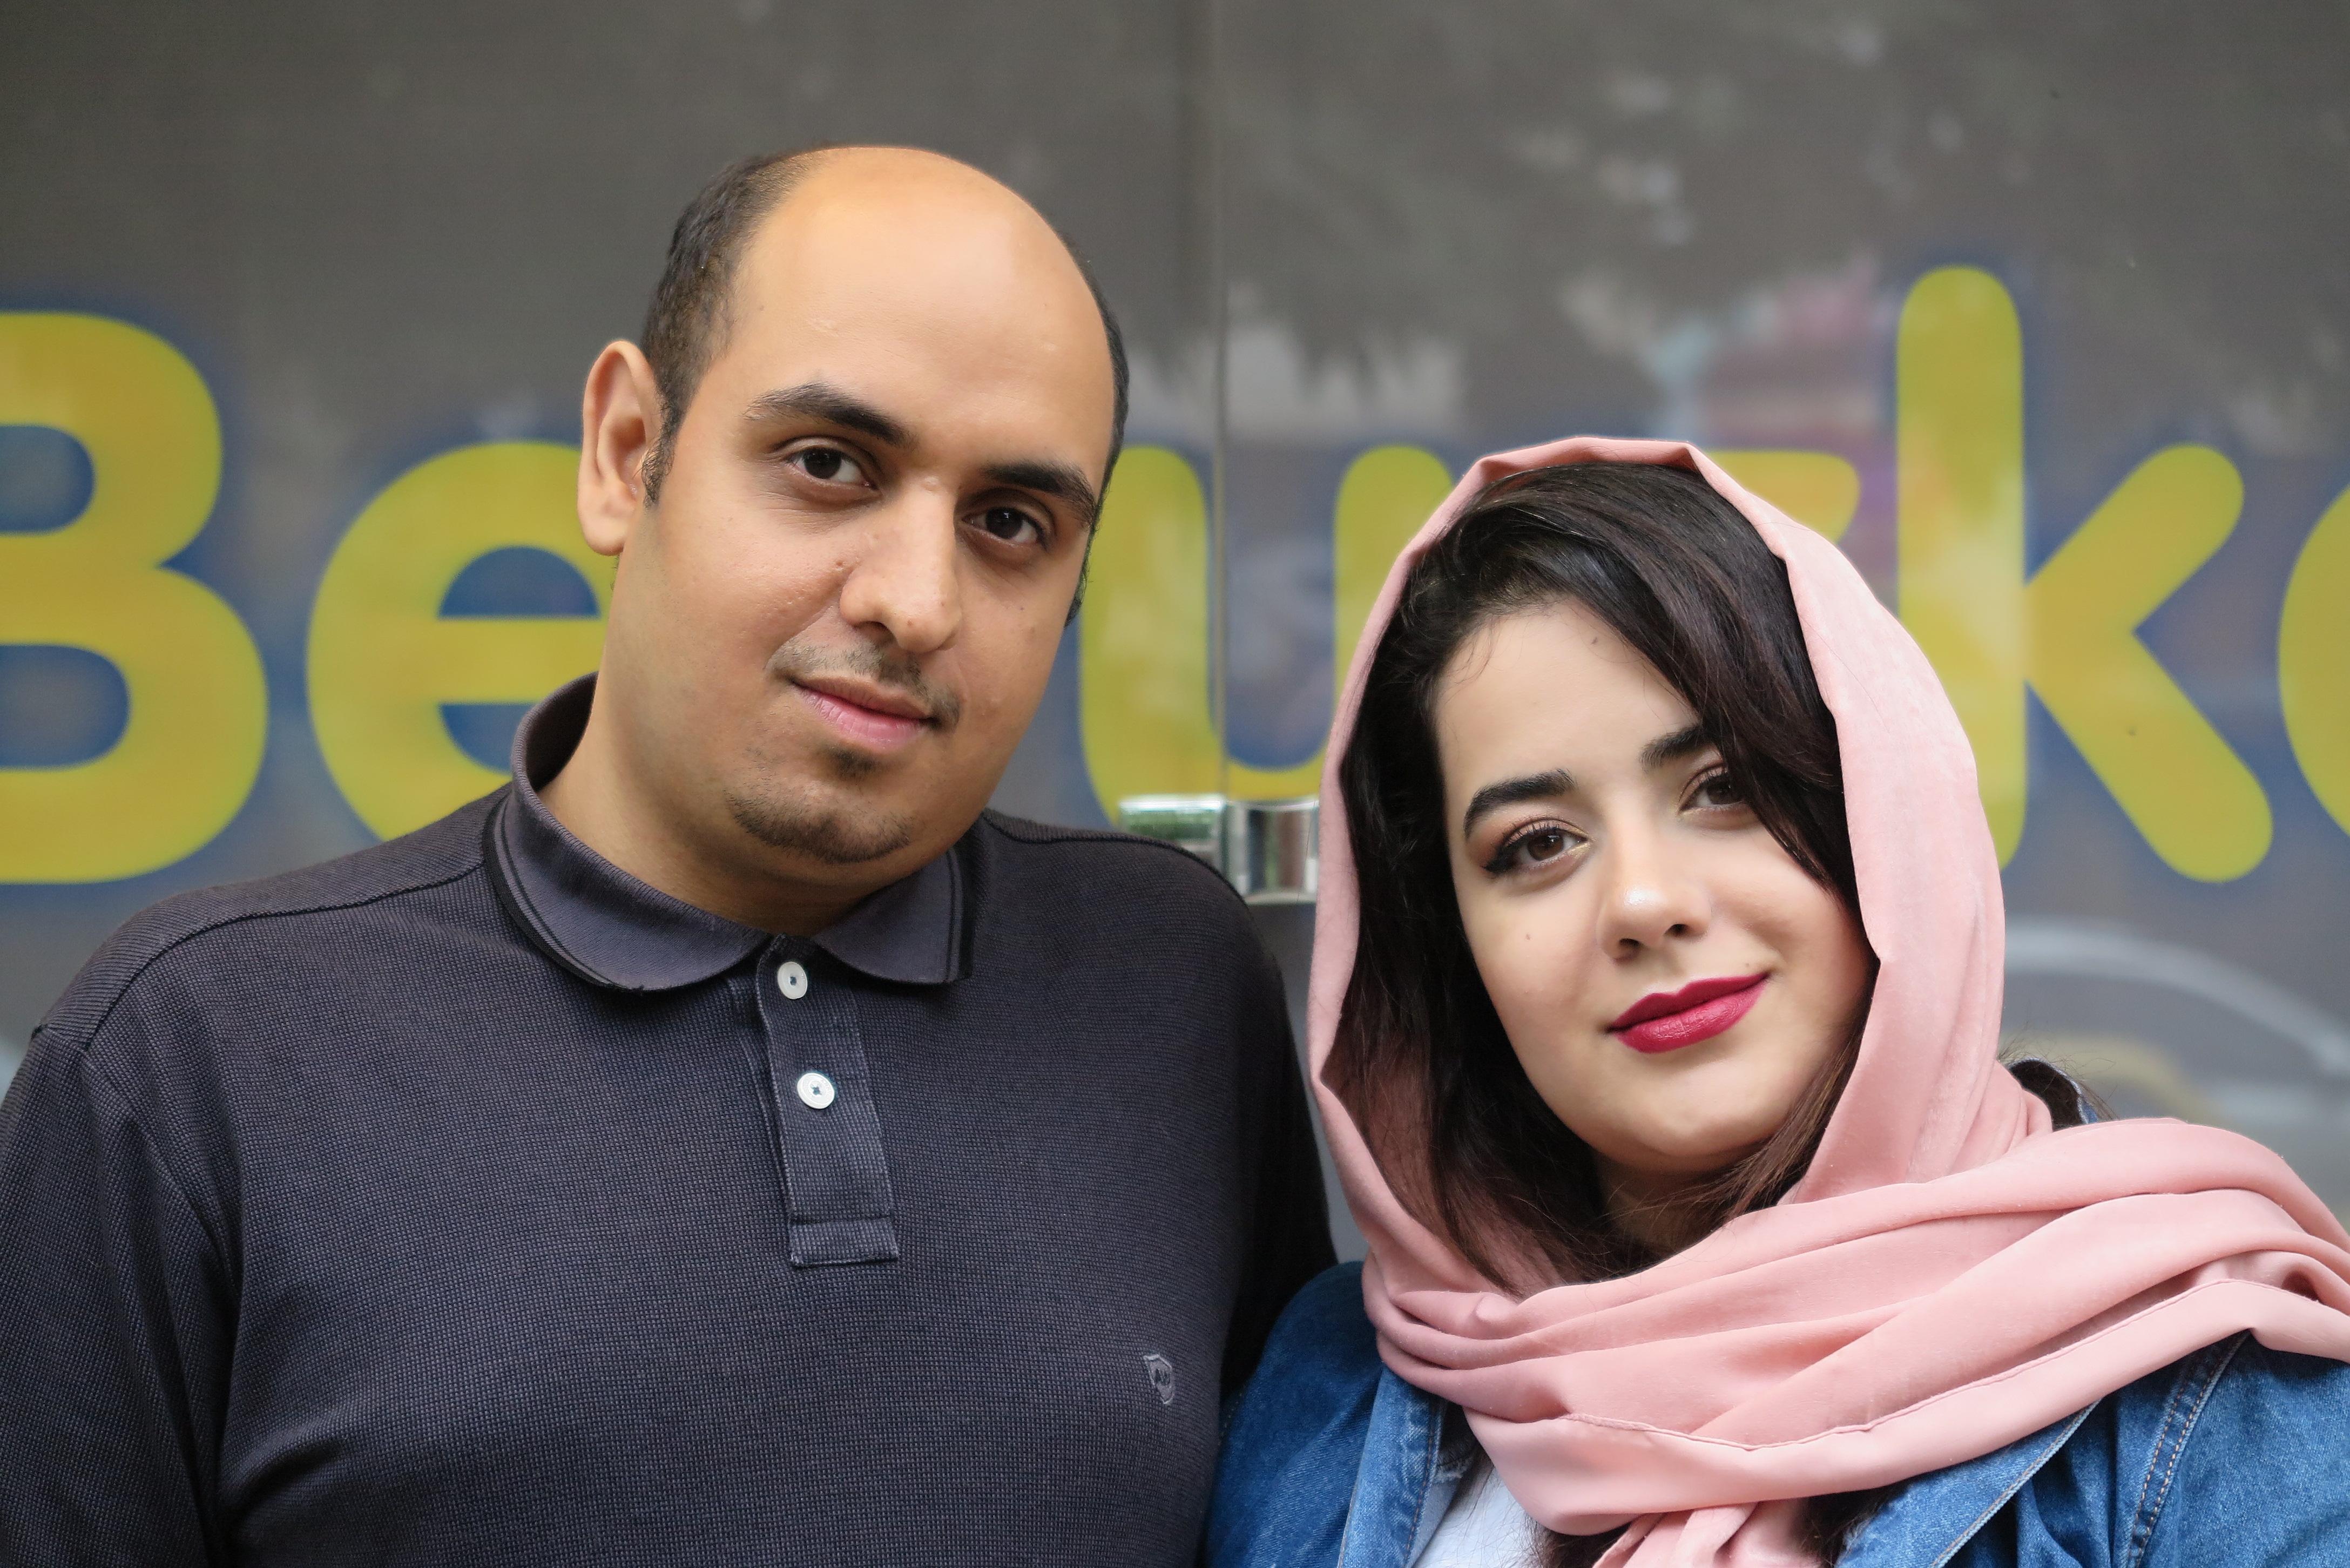 منصور عبداللهی - پریسا اصغری